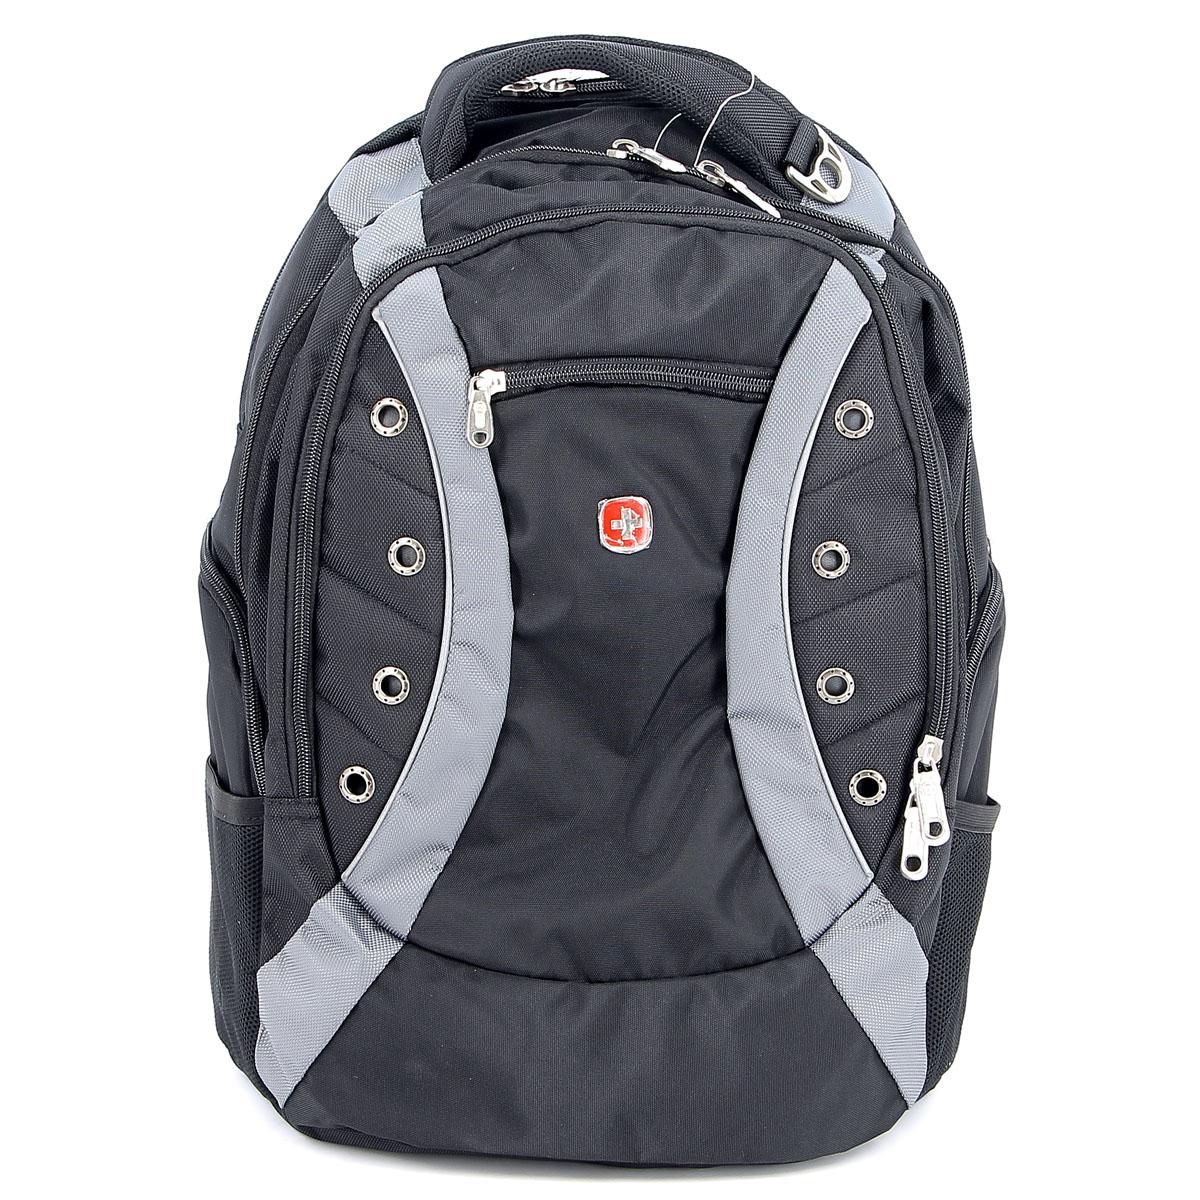 Рюкзак Wenger Zoom, цвет: черный, серый, 36 см х 21 см х 47 см, 35 л1191215Рюкзак Wenger Zoom - это самодостаточный, многофункциональный и надежный спутник своего владельца, как и знаменитый швейцарский нож! Благодаря многофункциональности рюкзака Wenger, вы можете легко организовать свои вещи, отправив ключи, мобильный телефон и еще тысячу мелочей в специальный карман-органайзер, положив ноутбук в надежный мягкий карман под спинкой. После этого останется еще много места для других необходимых вещей. Рюкзаки и сумки Wenger - это прежде всего современные материалы и фурнитура от надежных поставщиков и швейцарский контроль качества, благодаря которому репутация компании была и остается столь высокой. Продуманная конструкция и современные технологии проявляются главным образом в потрясающей надежности рюкзаков и сумок Wenger. А ведь надежность - самое важное качество и в амуниции, и в людях! Особенности рюкзака:Большой объем для хранения: основное отделение предоставляет достаточный объем для папок, электронных игр и других аксессуаров.Мягкое отделение для ноутбука: регулируемый ремень с липучкой может закрепить ноутбуки с размером экрана 15 дюймов. Эластичные сетчатые карманы удобны для аксессуаров.Система циркуляции воздуха: дизайн задней мягкой вставки для спины обеспечивает циркуляцию воздуха для комфорта и максимального удобства. Плечевые ремни: эргономичные ремни анатомической формы разработаны с дополнительным уплотнением для удобства и контроля.Карман для бутылки воды: карман из эластичной сетки удобен для хранения бутылок любого размера. Отверстие для провода наушников: внутренний карман подходит для большинства МР3 плееров с внешним портом для наушников.Карман для мелких предметов: внутренний карман-органайзер включает съемную ключницу и раздельные кармашки для ручек, карандашей, мобильного телефона и CD дисков.Петля для очков: благодаря эластичной петле на плечевом ремне удобно хранить солнцезащитные очки и они легко доступны.По всем вопросам гарантийного и 